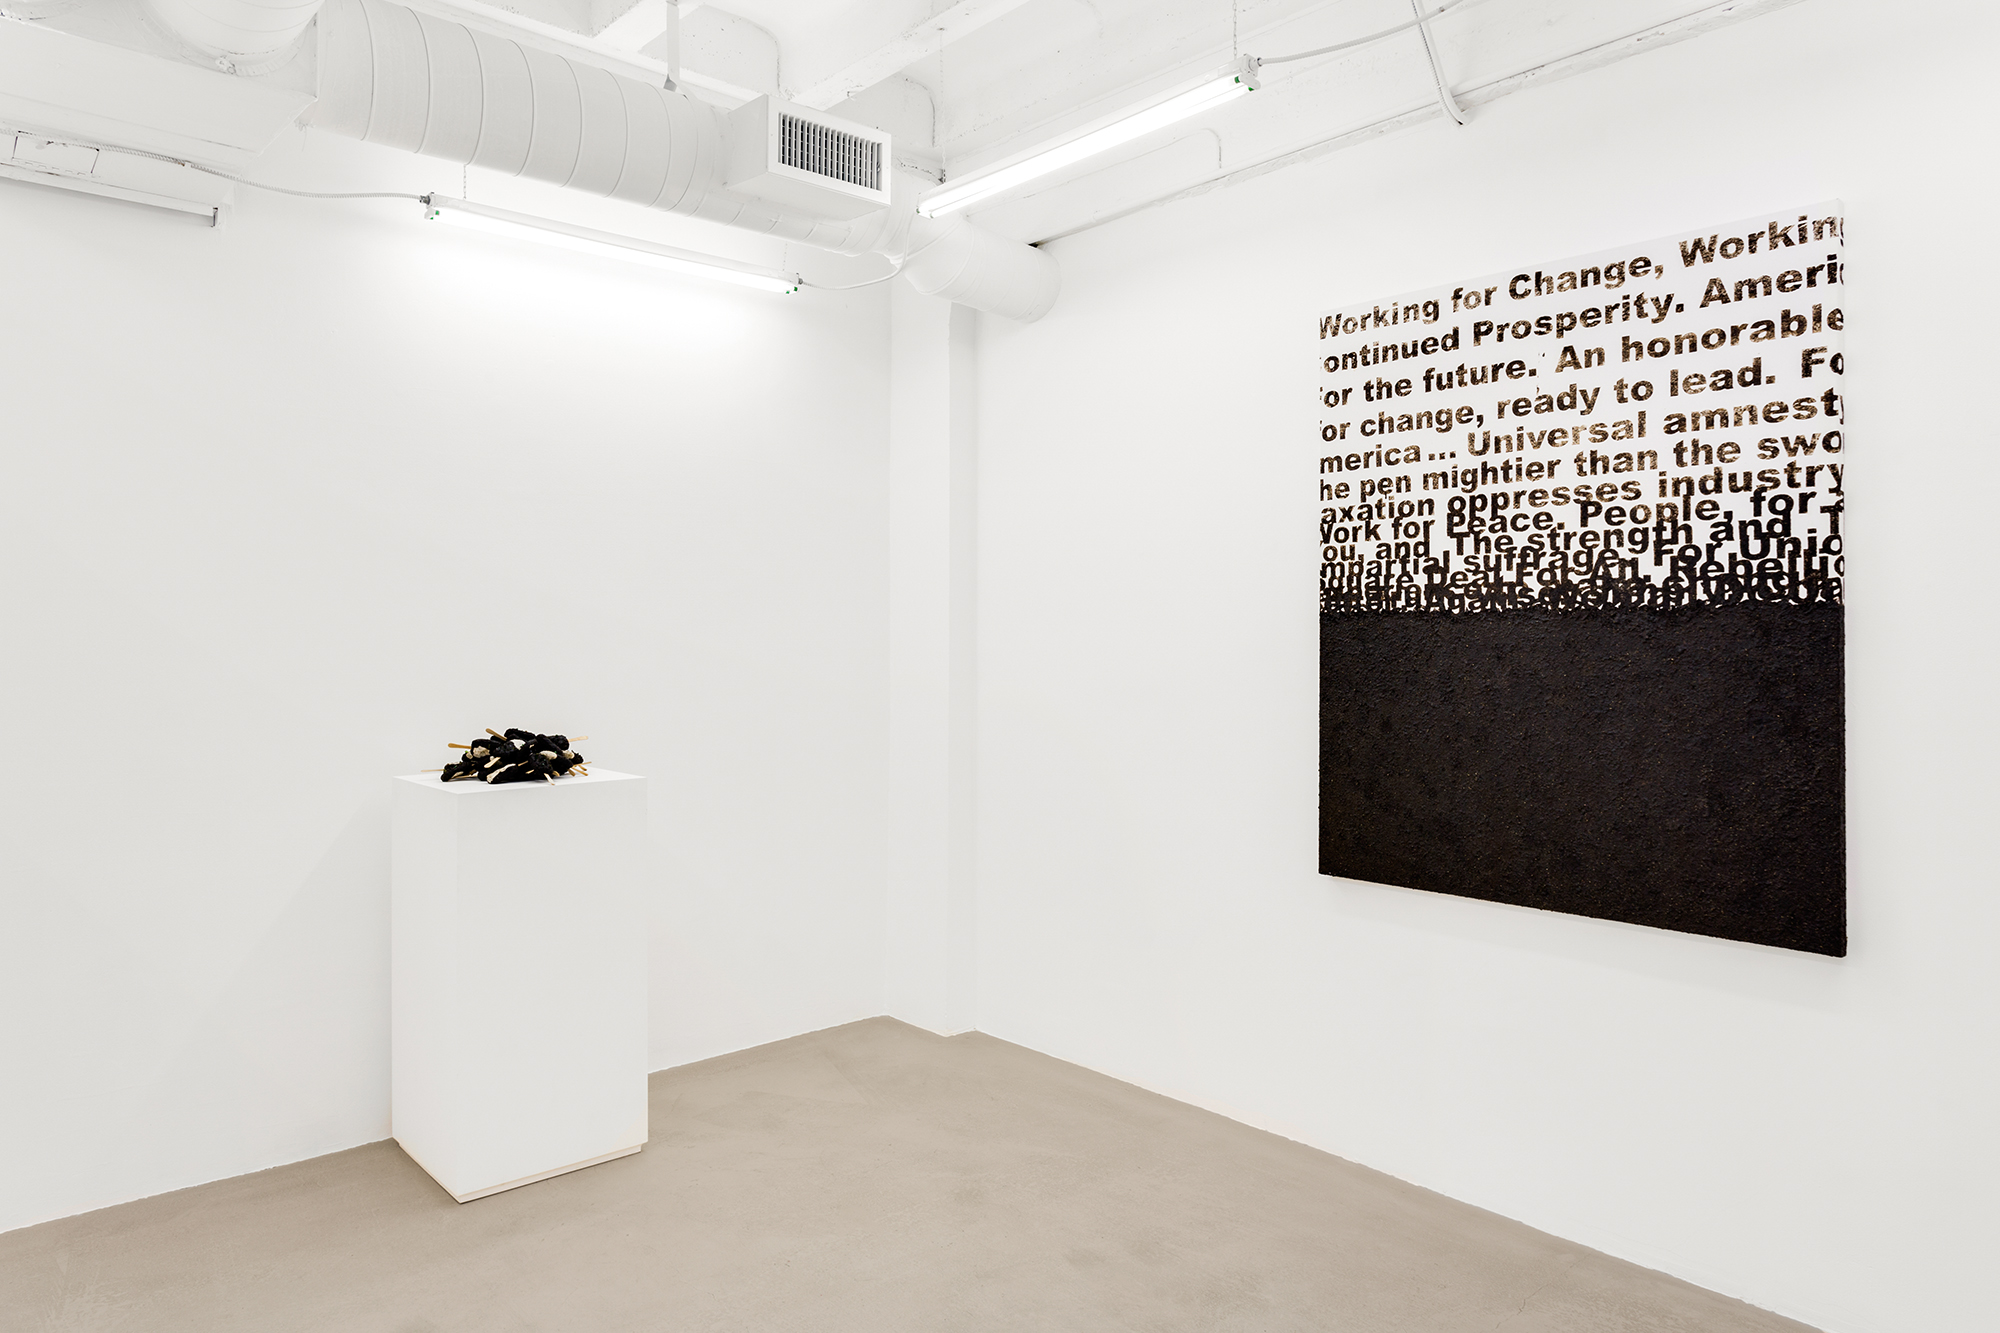 Obras en sala de la exposición The Book, the Egg, and the Fly. David Castillo Gallery, 2017